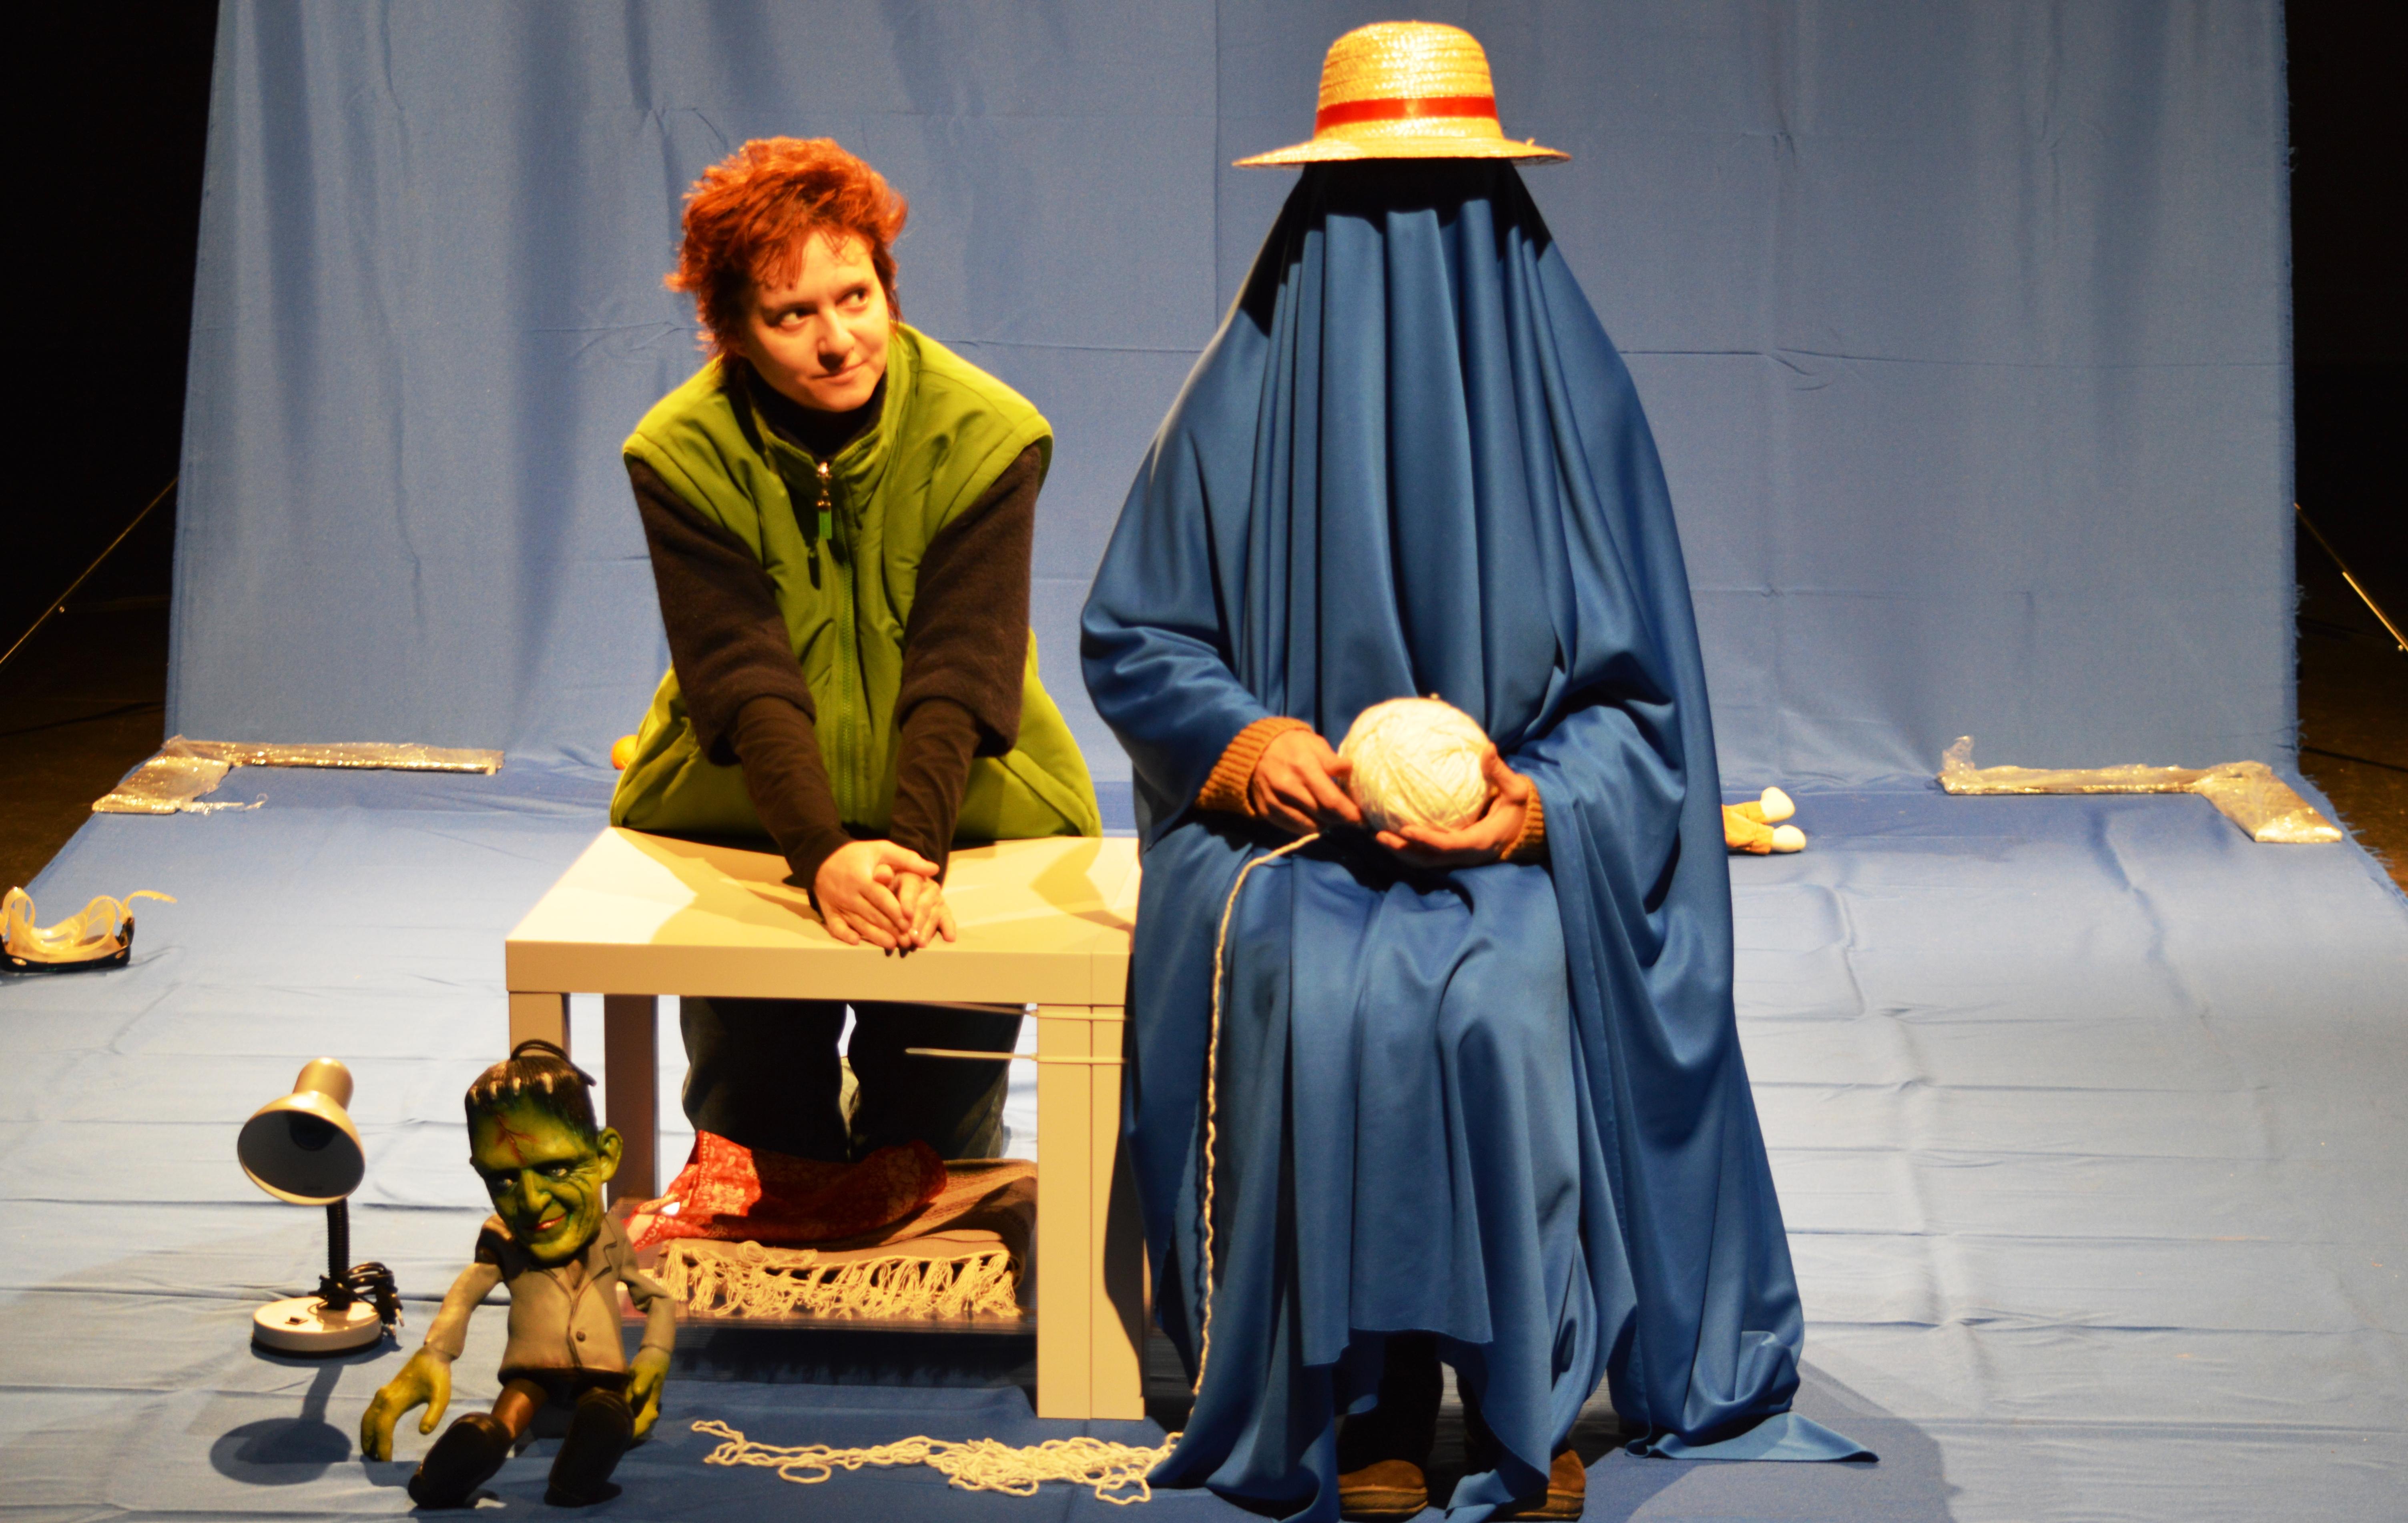 ÎN CUVINTELE TALE / regia: Radu Apostol - Centrul de Teatru Educaţional REPLIKA, Bucureşti